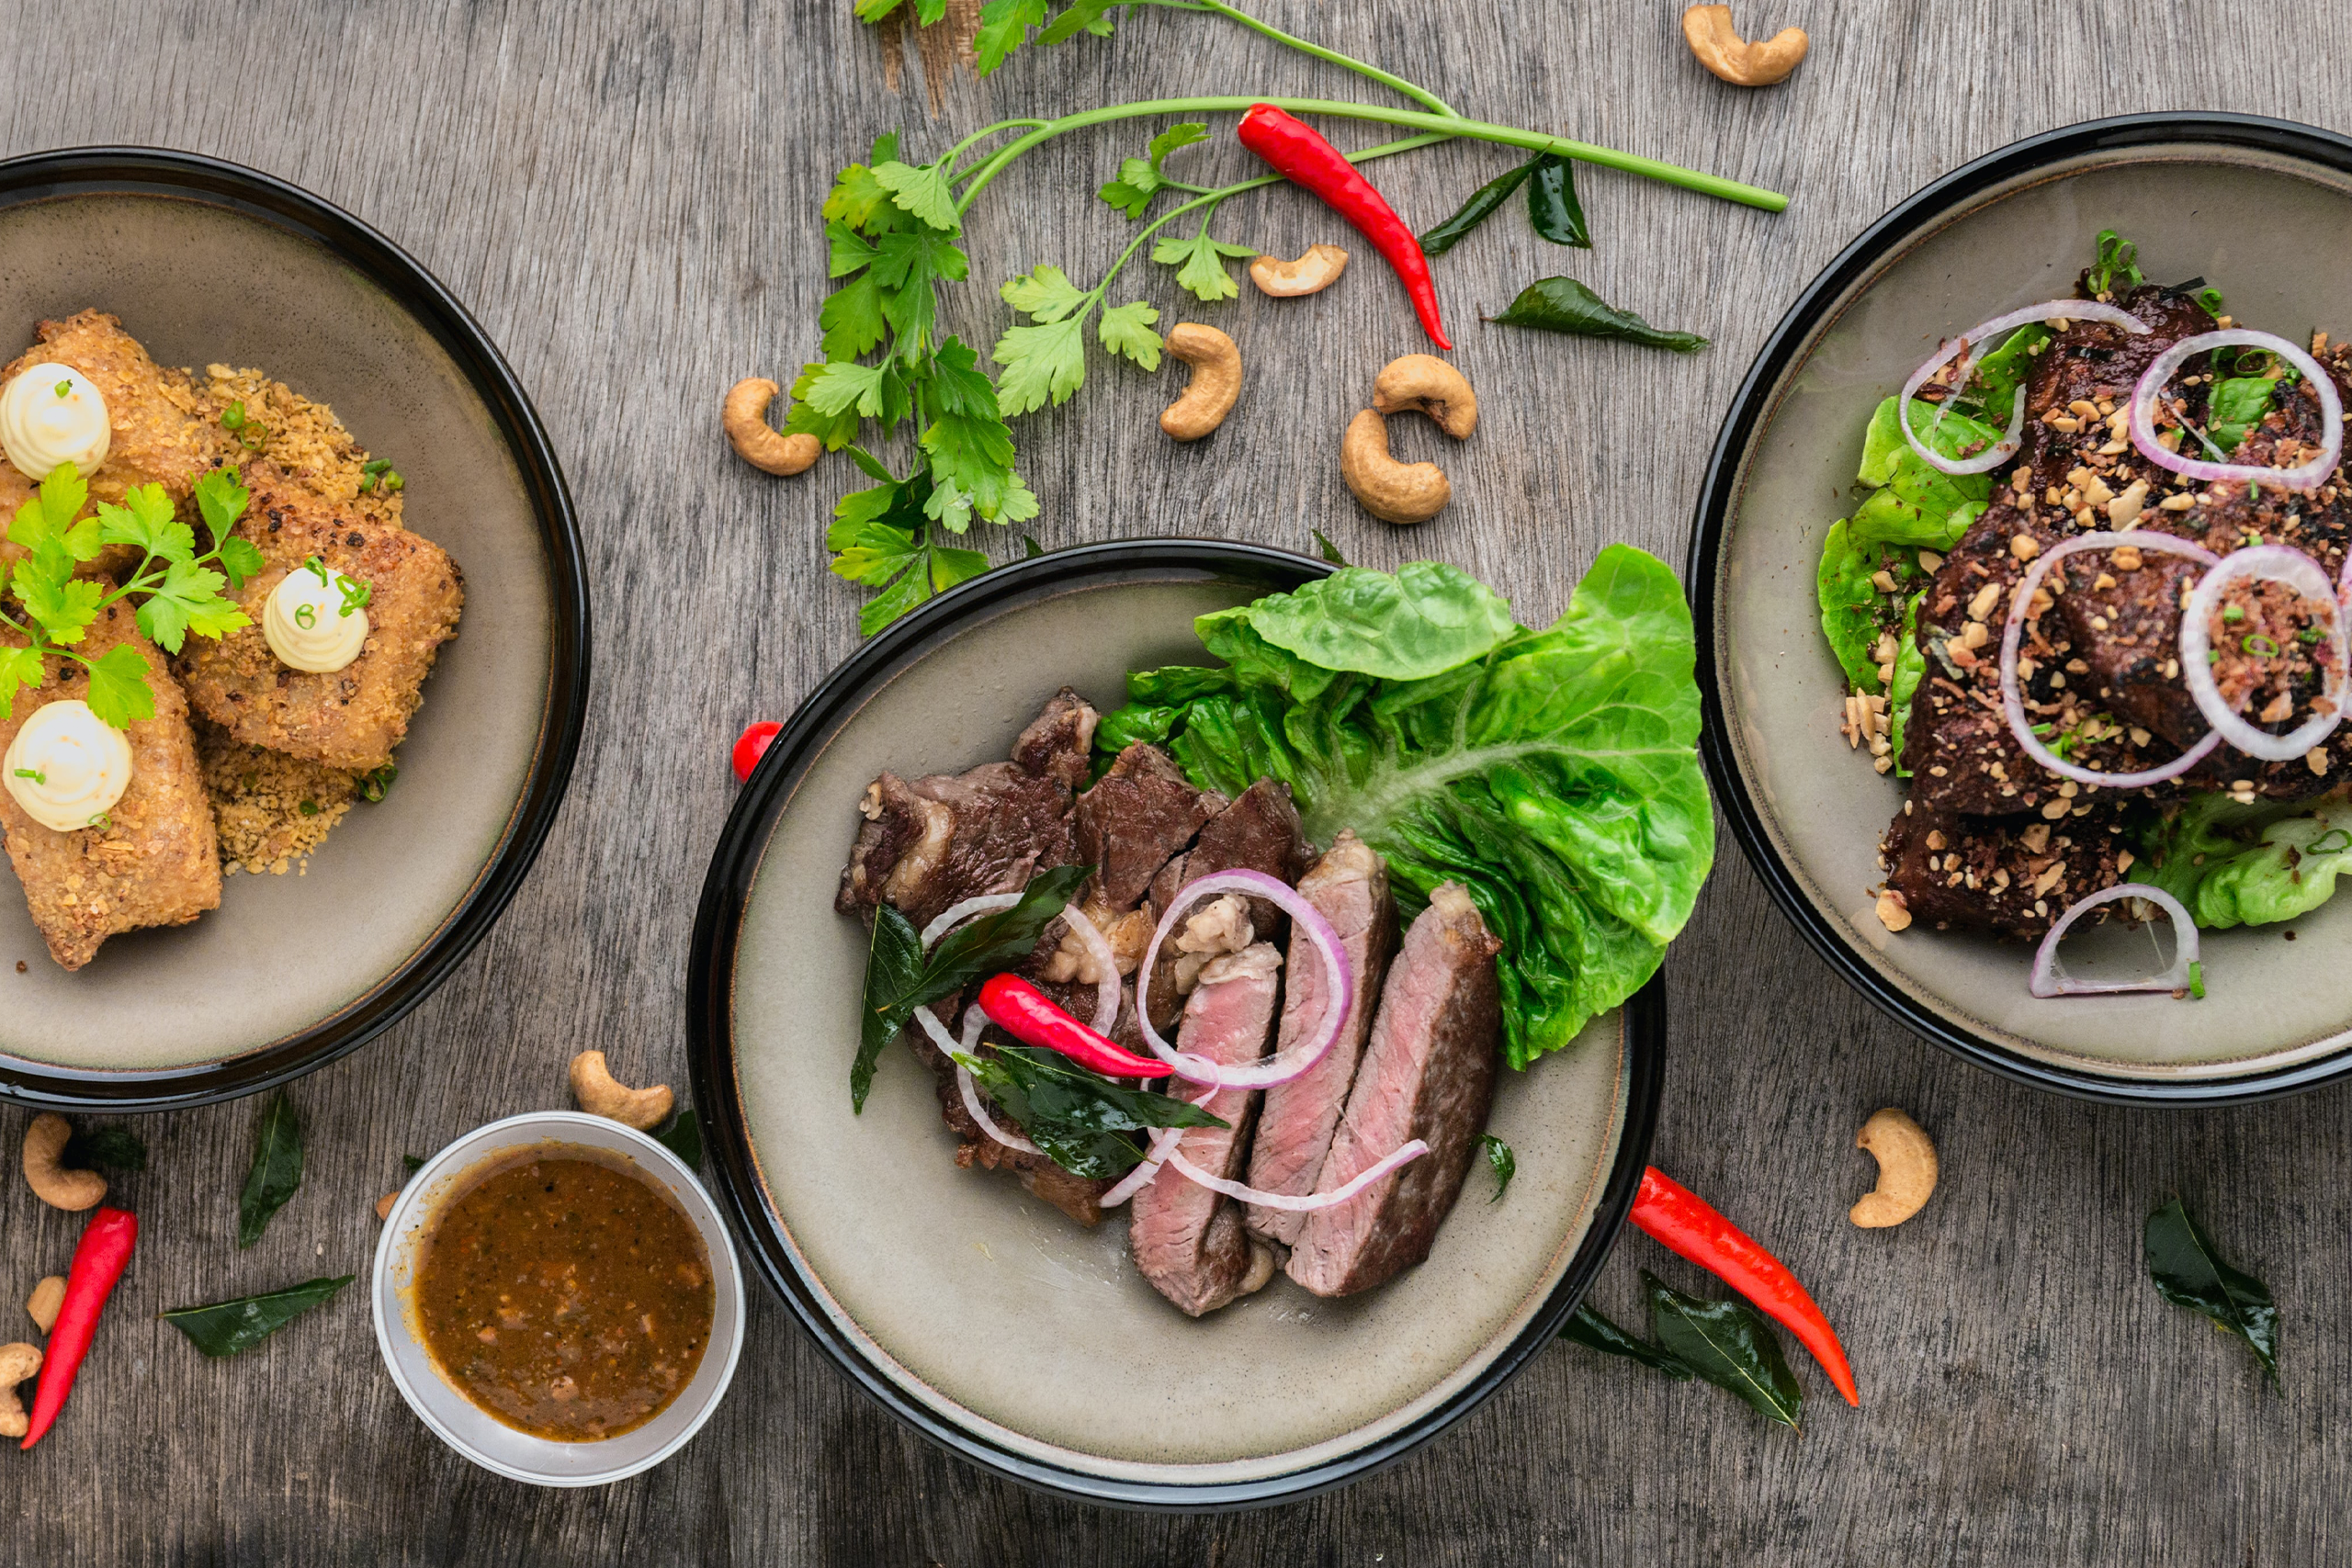 Grilled Steak & Onion Salad